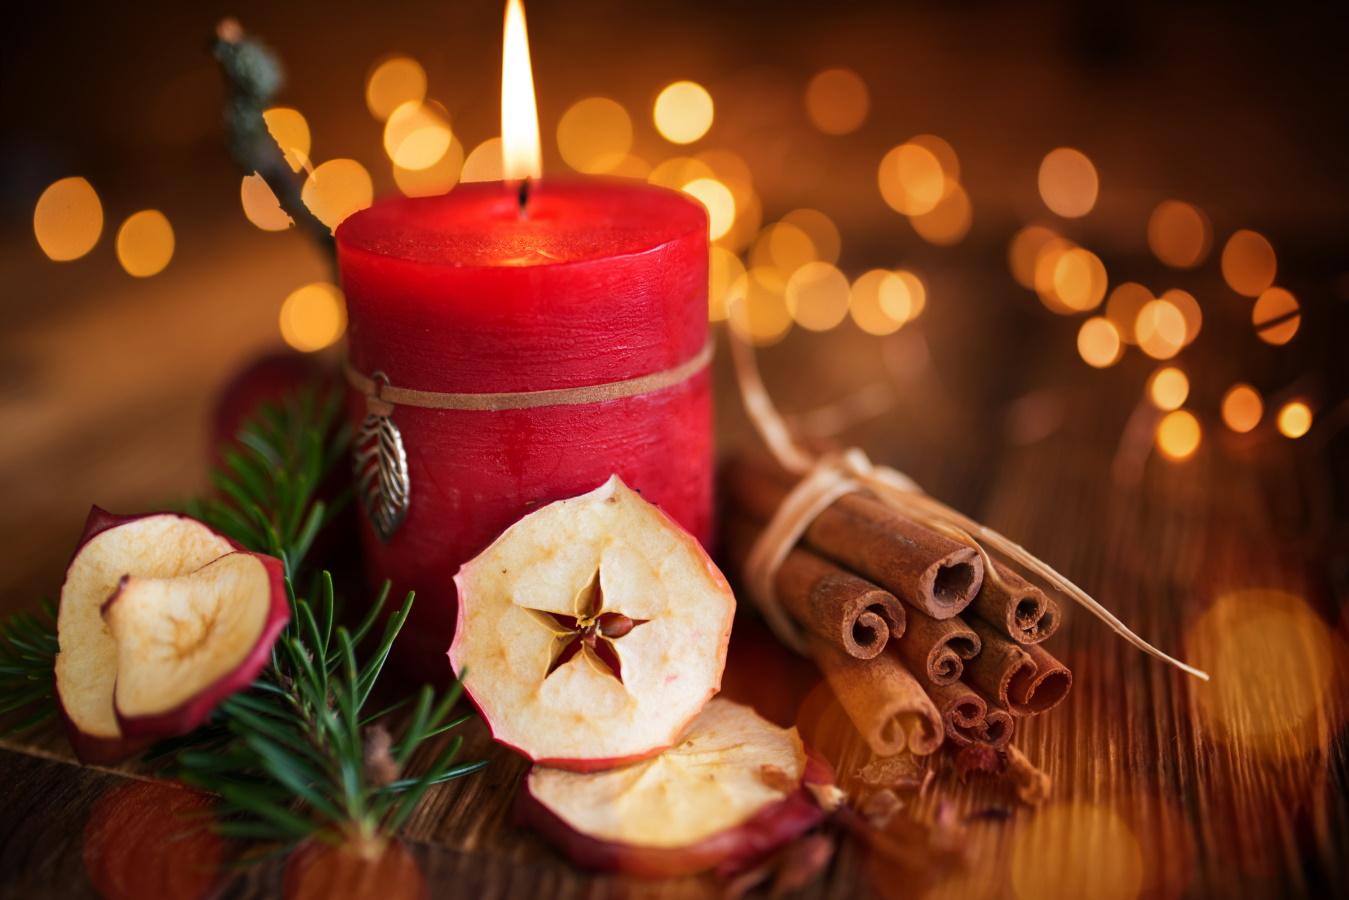 <p>Коледна свещ</p>  <p>Подобен подарък е много практичен и може да се хареса много на колега в офиса, на който трябва да направите подарък за коледното парти. Свещите са много популярен аксесоар през този сезон, а луксозните варианти със сигурност ще се харесат на всеки.</p>